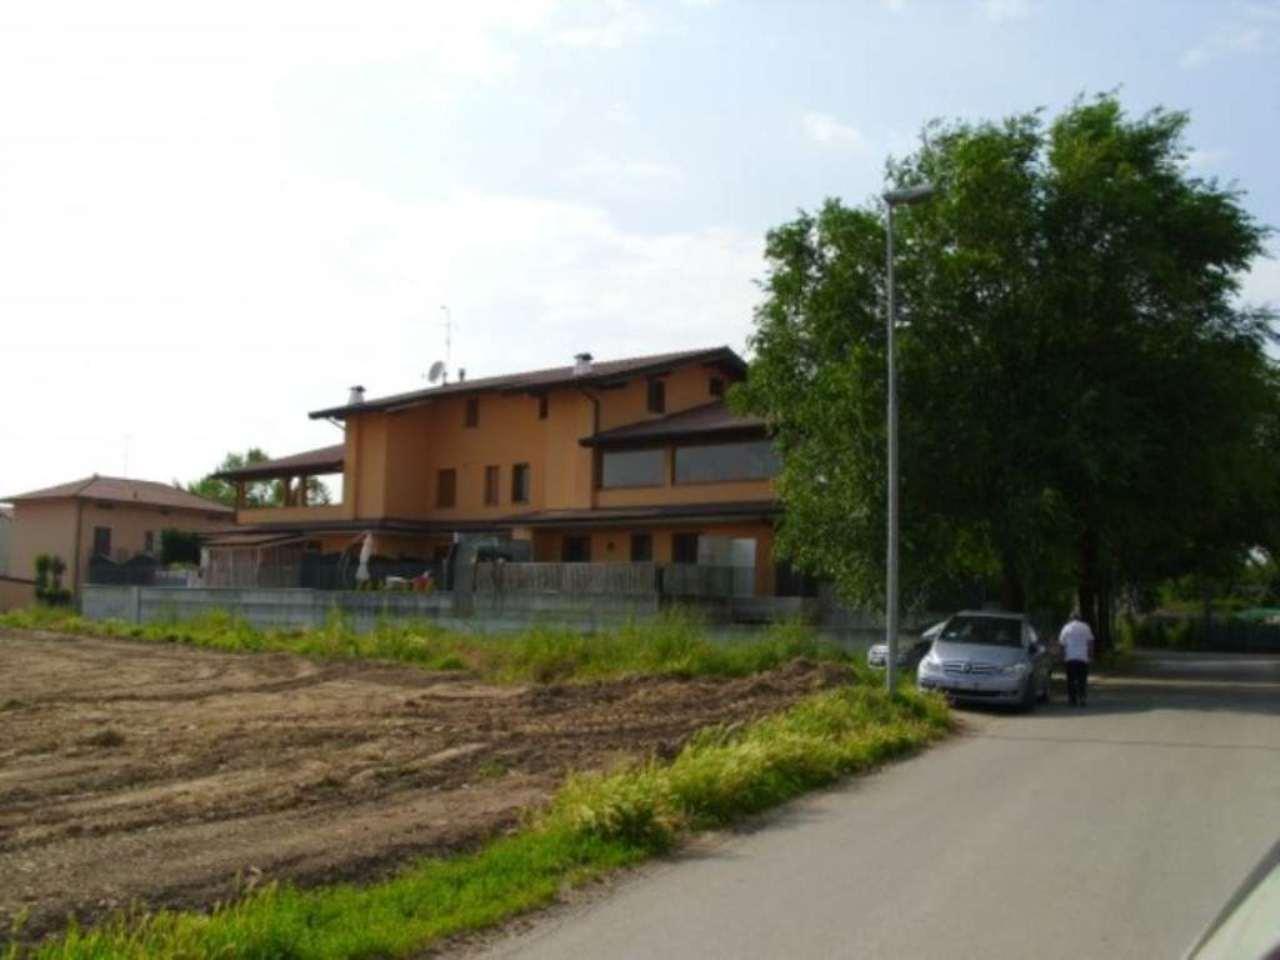 Attico / Mansarda in vendita a Romano di Lombardia, 4 locali, prezzo € 280.000 | Cambio Casa.it